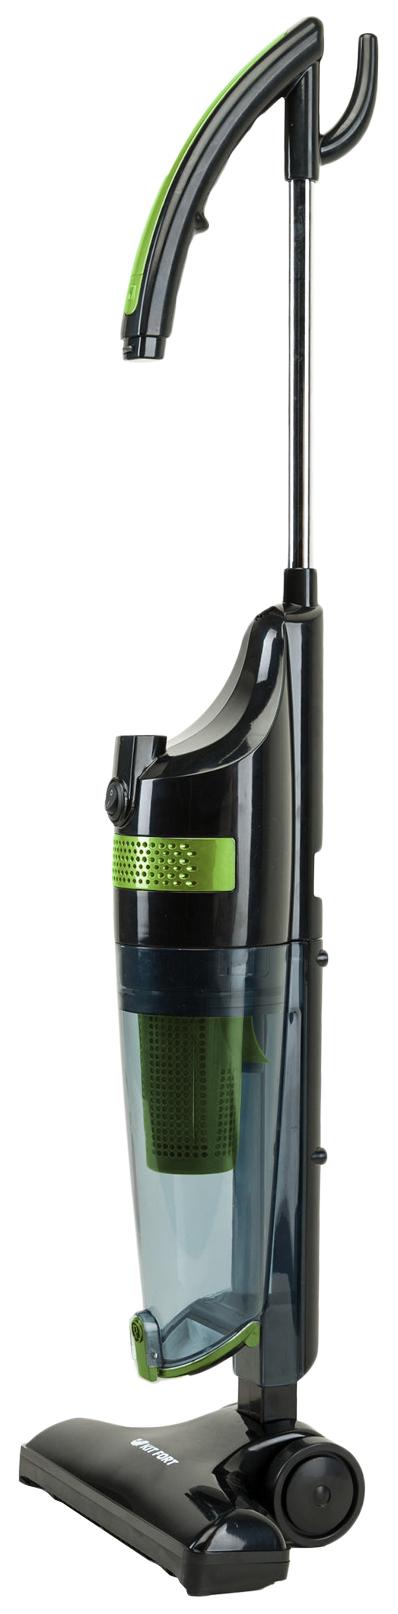 Вертикальный пылесос Kitfort  КТ 525